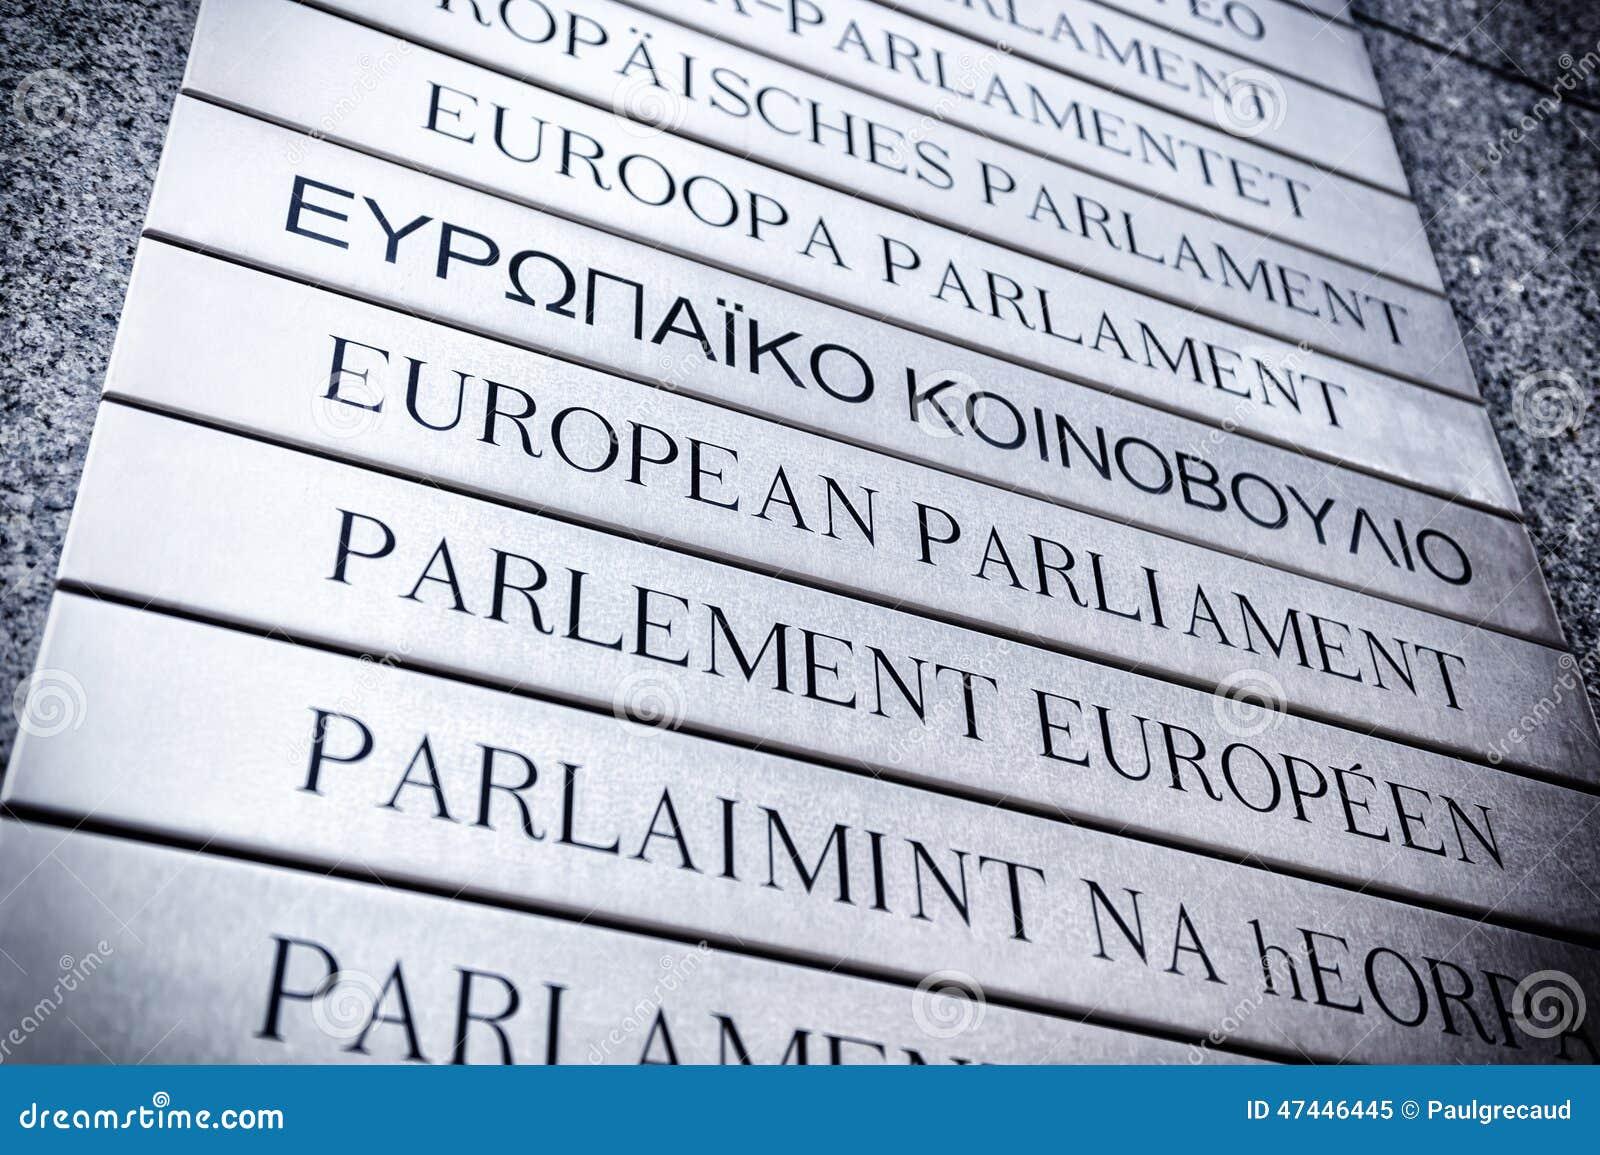 Naambord voor het Europees Parlement Brussel, België